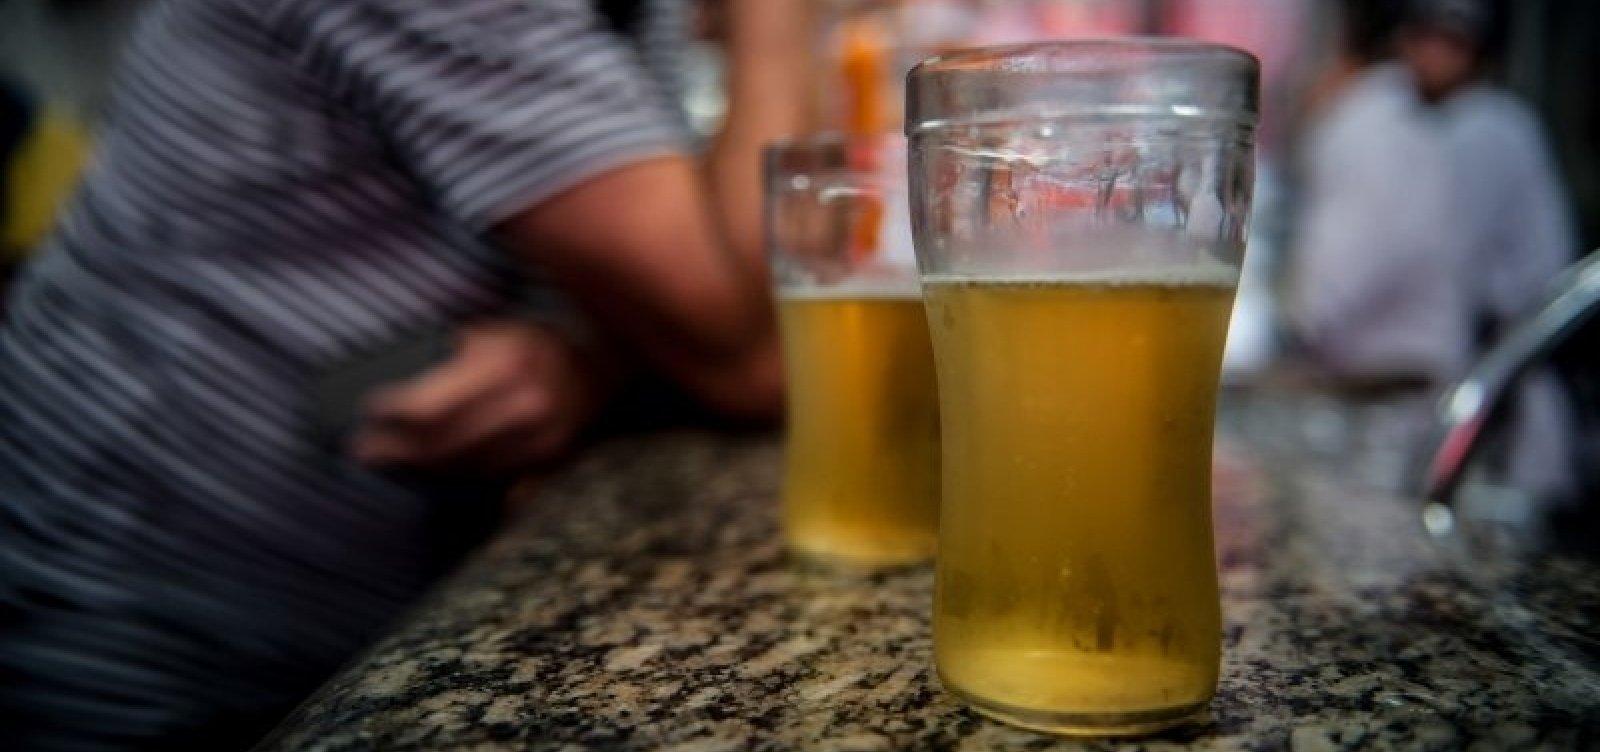 Decreto proíbe venda de bebida alcoólica no fim de semana e no São João